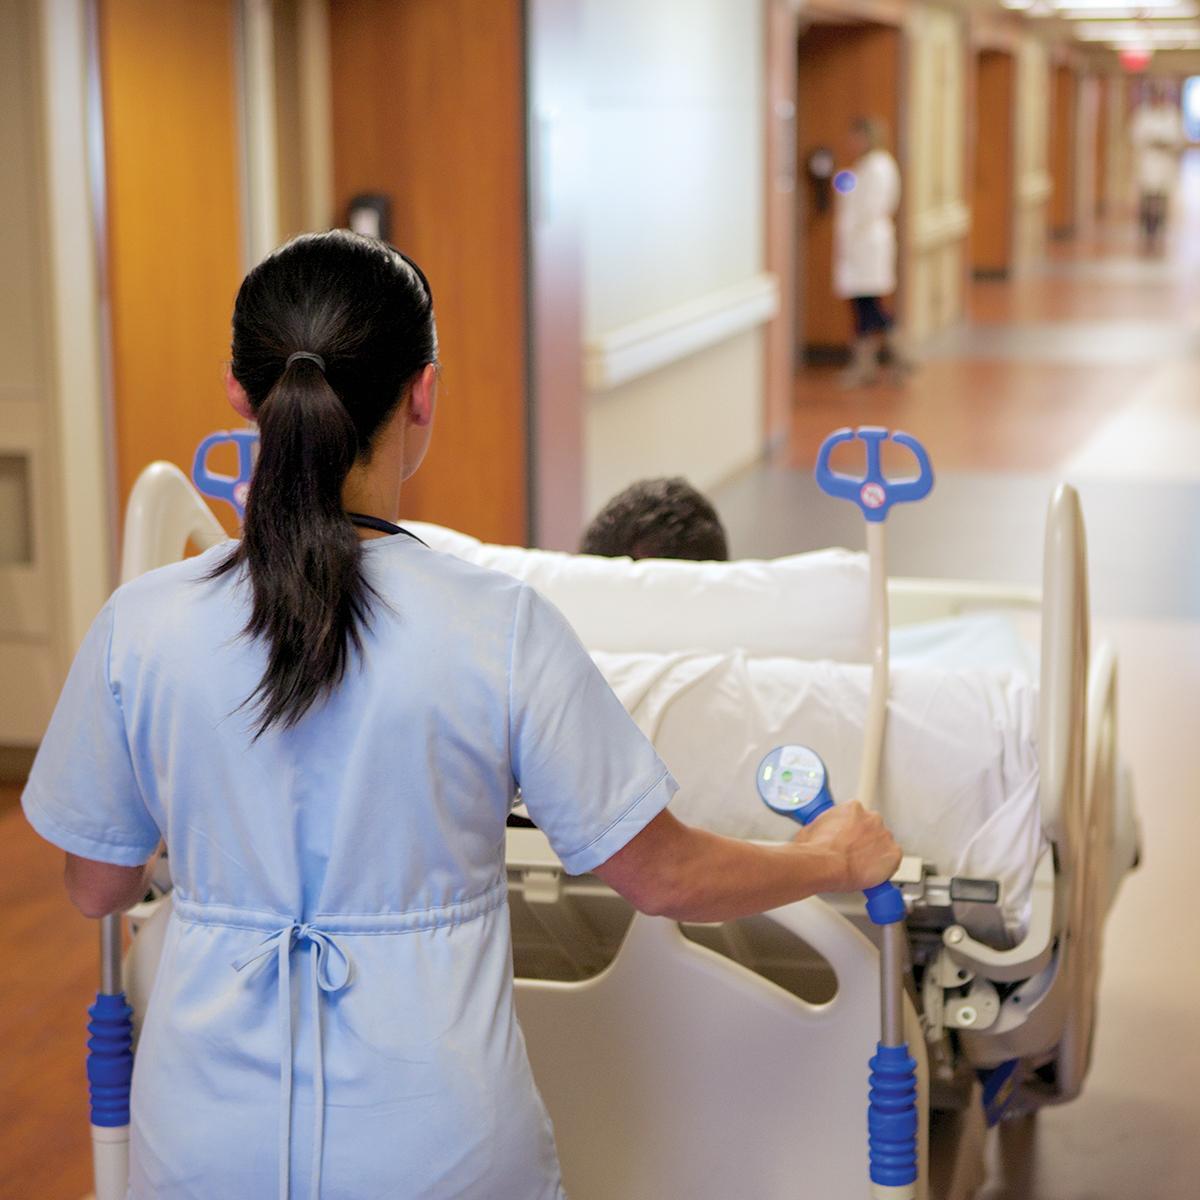 Una vista por encima del hombro de un cuidador que transporta una cama bariátrica Compella por un pasillo de hospital.